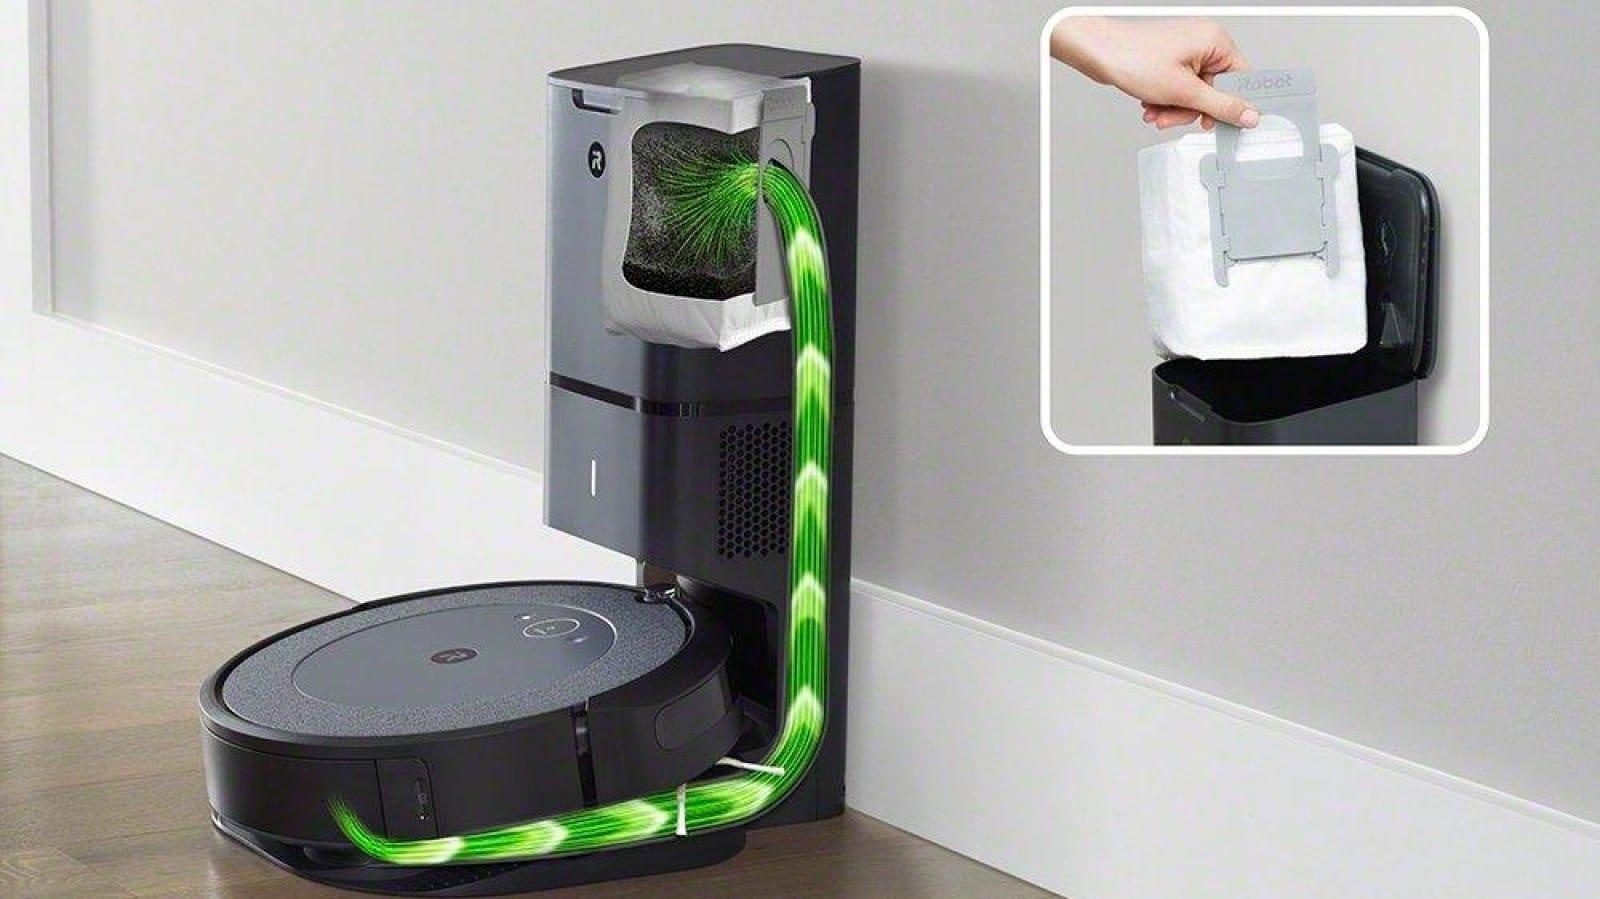 irobot roomba self-emptying robot vaccum